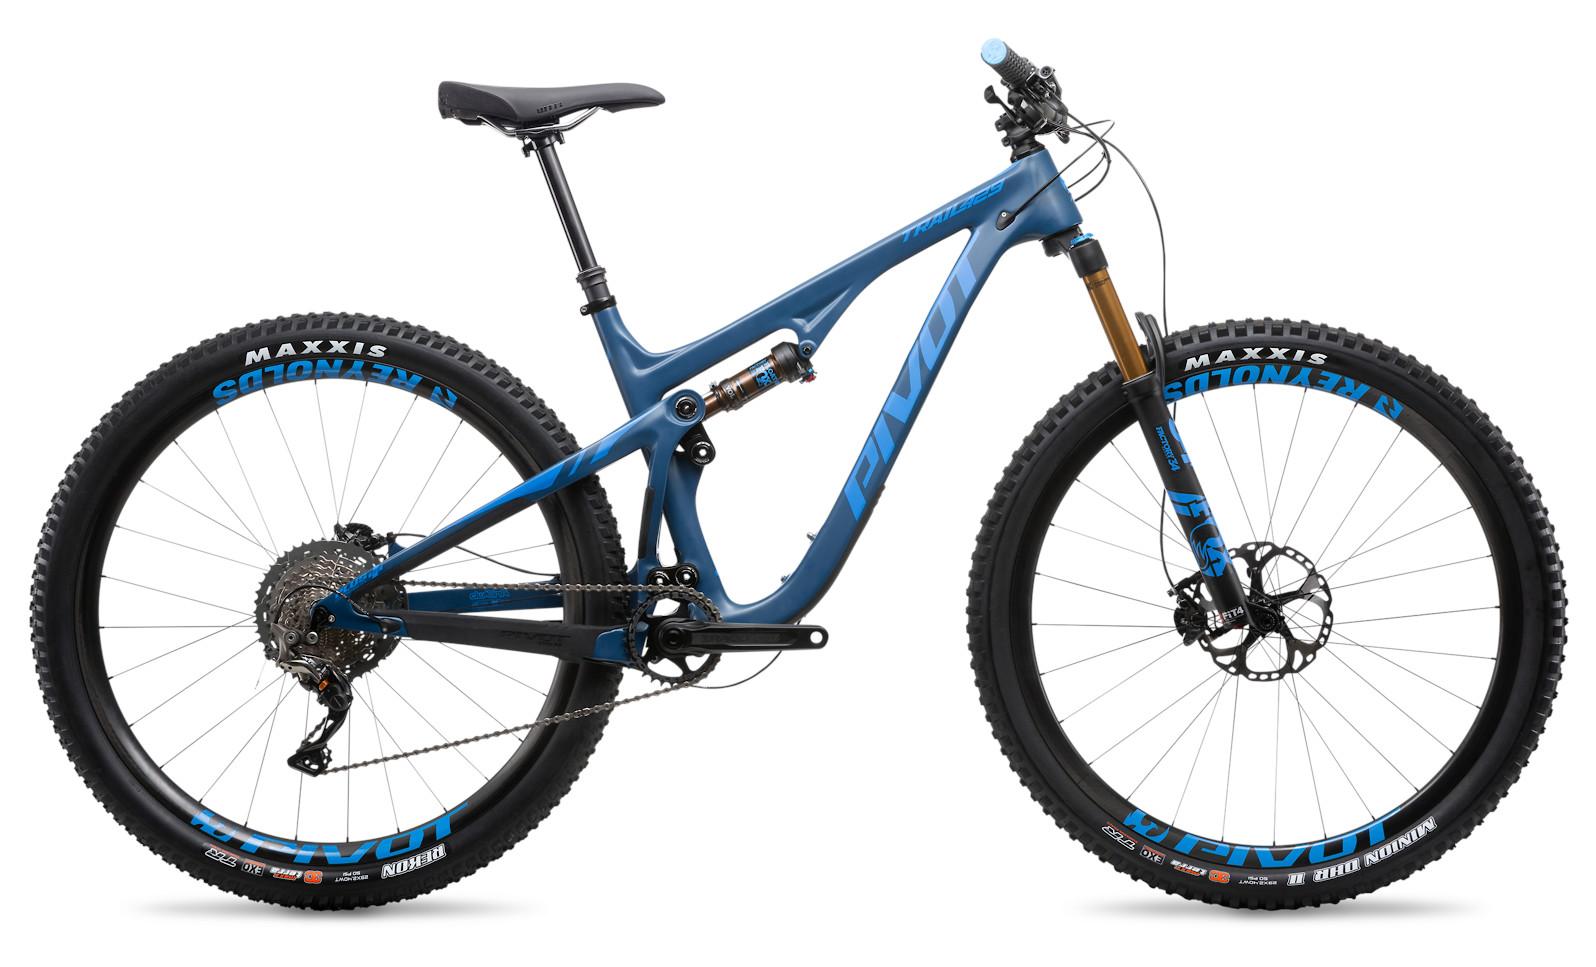 """2019 Pivot Trail 429 Pro XT/XTR 1X  2019 Pivot Trail 429 Pro XT/XTR 1X 29"""" with Reynolds wheels upgrade (steel blue)"""